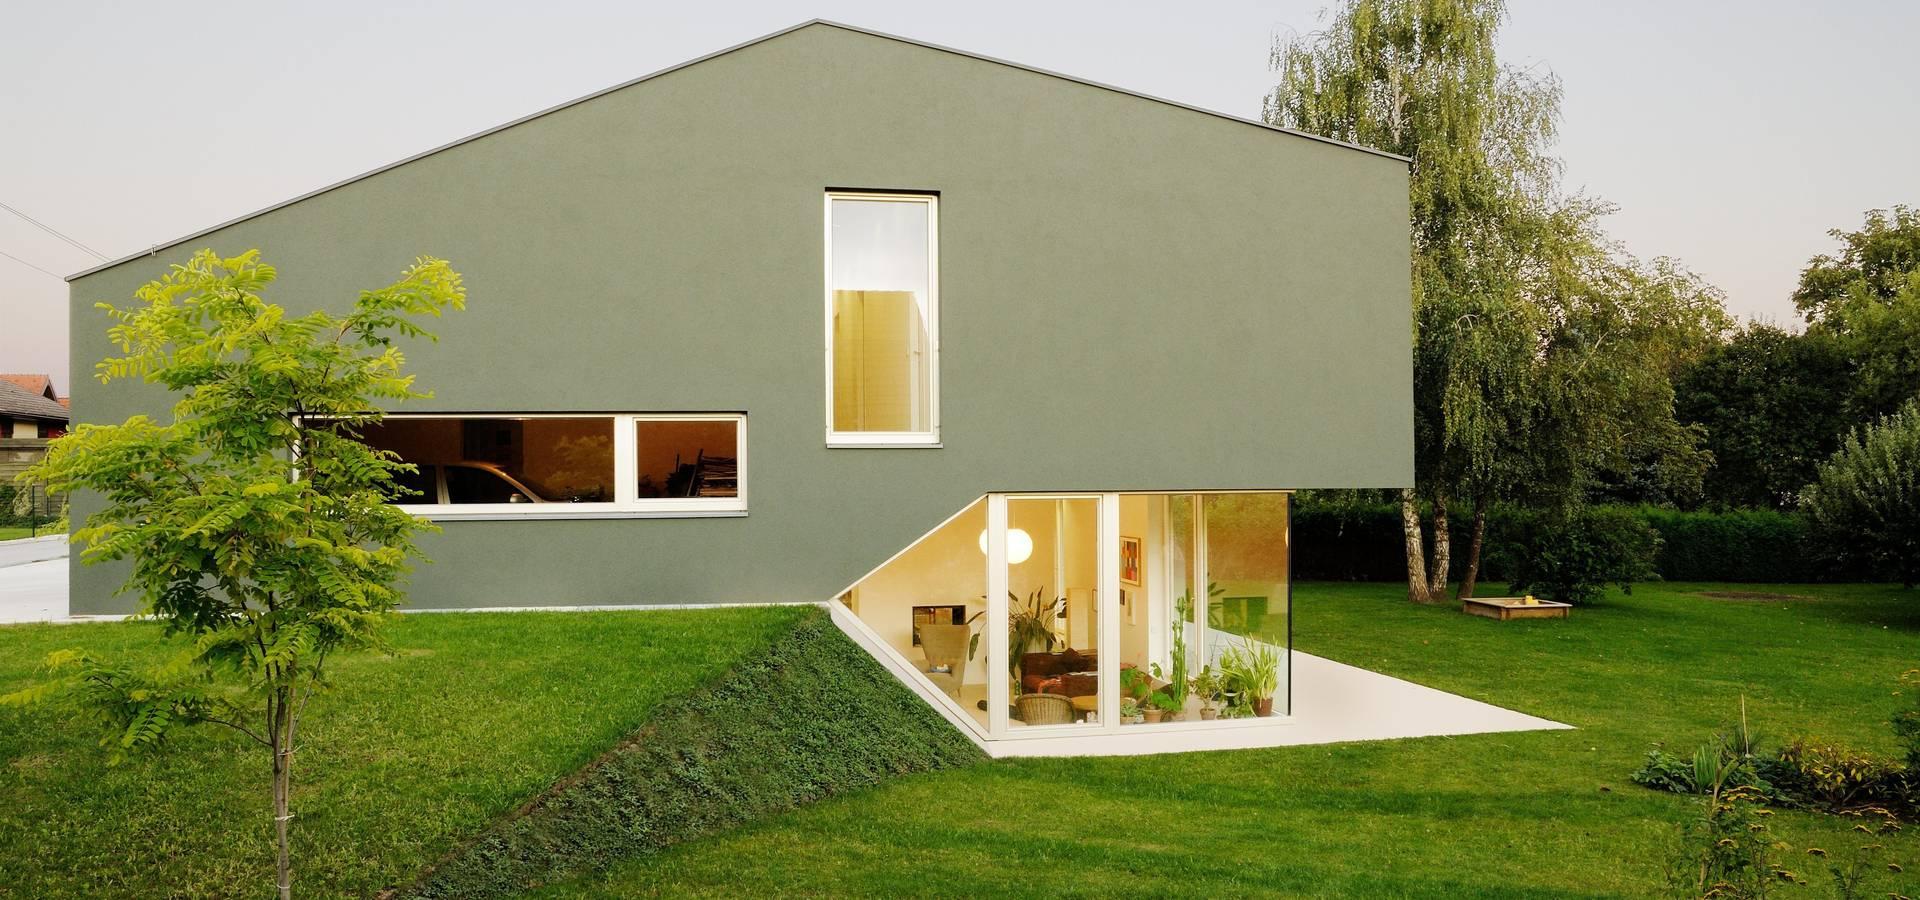 KARL+ZILLER Architektur